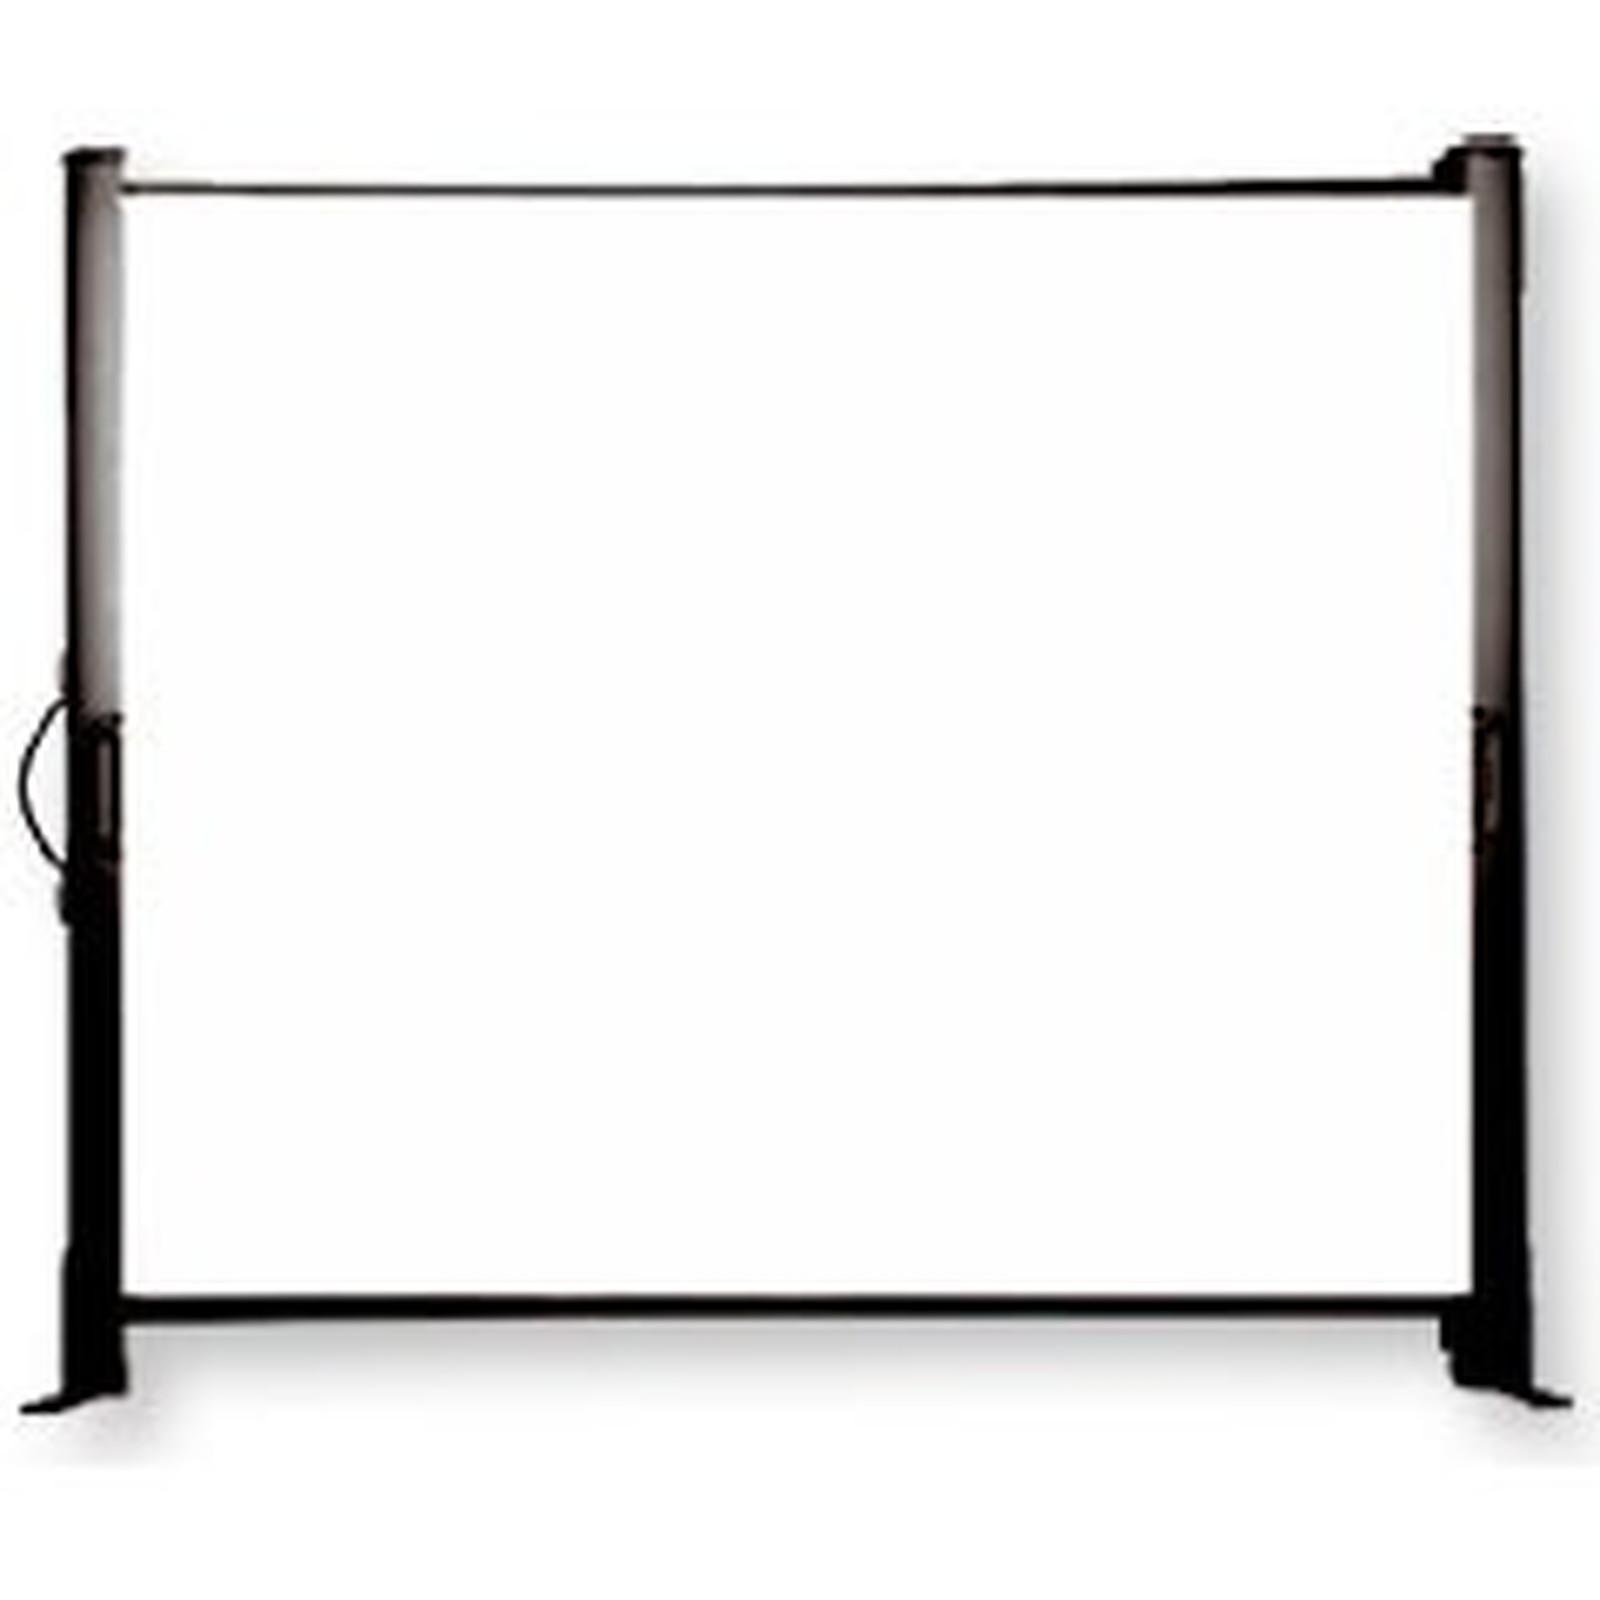 Procolor DEMO-SCREEN - Ecran de table - Format 16:9 - 81x65 cm